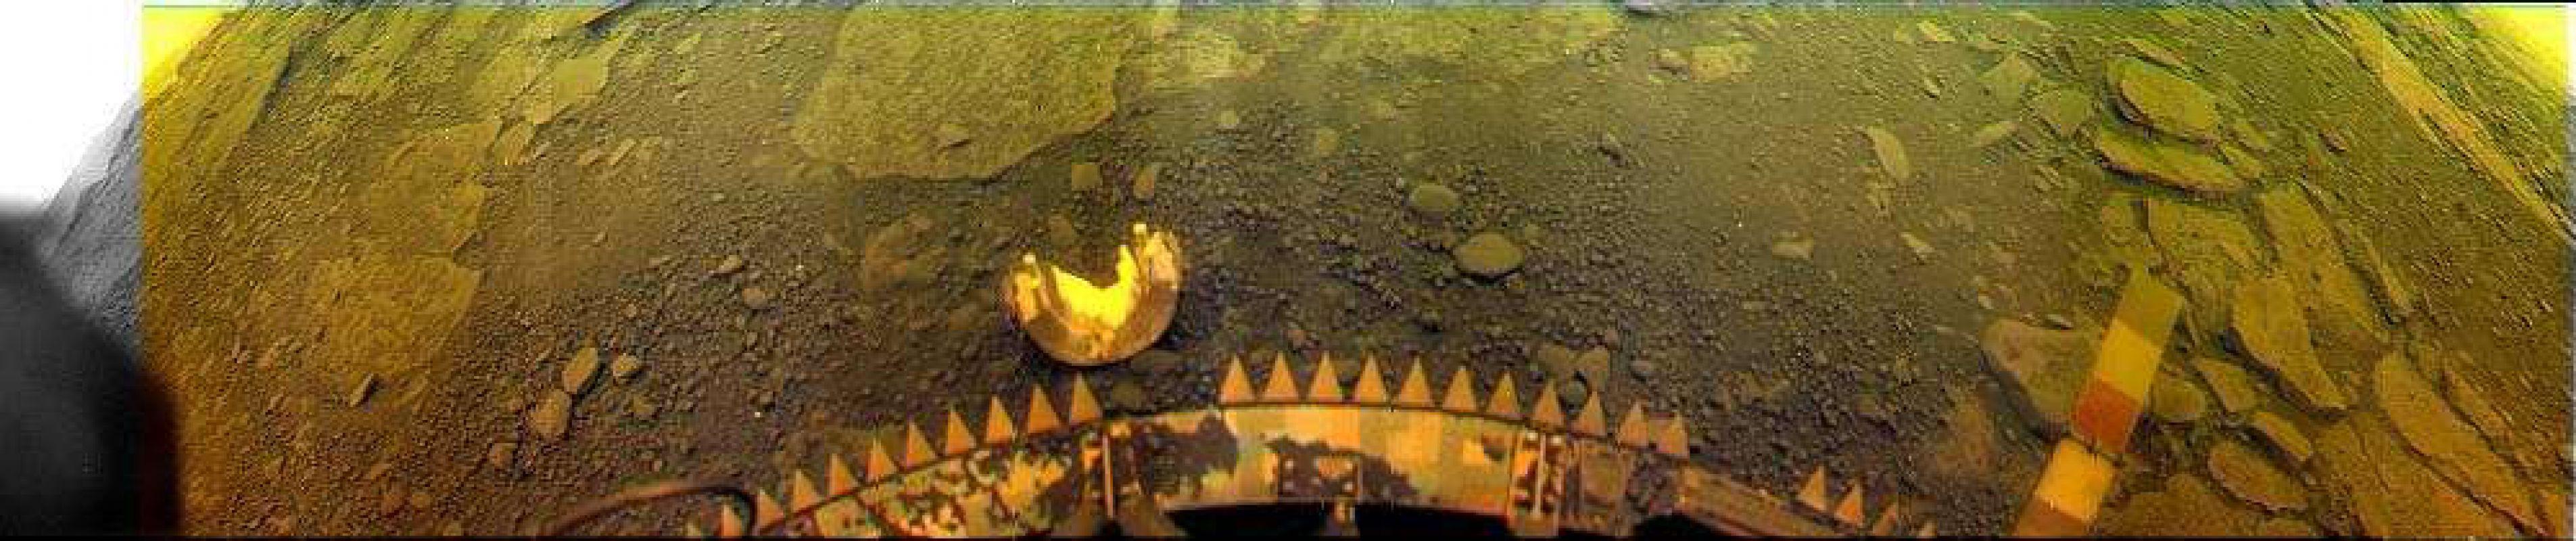 Венера - загадки поверхности или есть ли жизнь на Венере